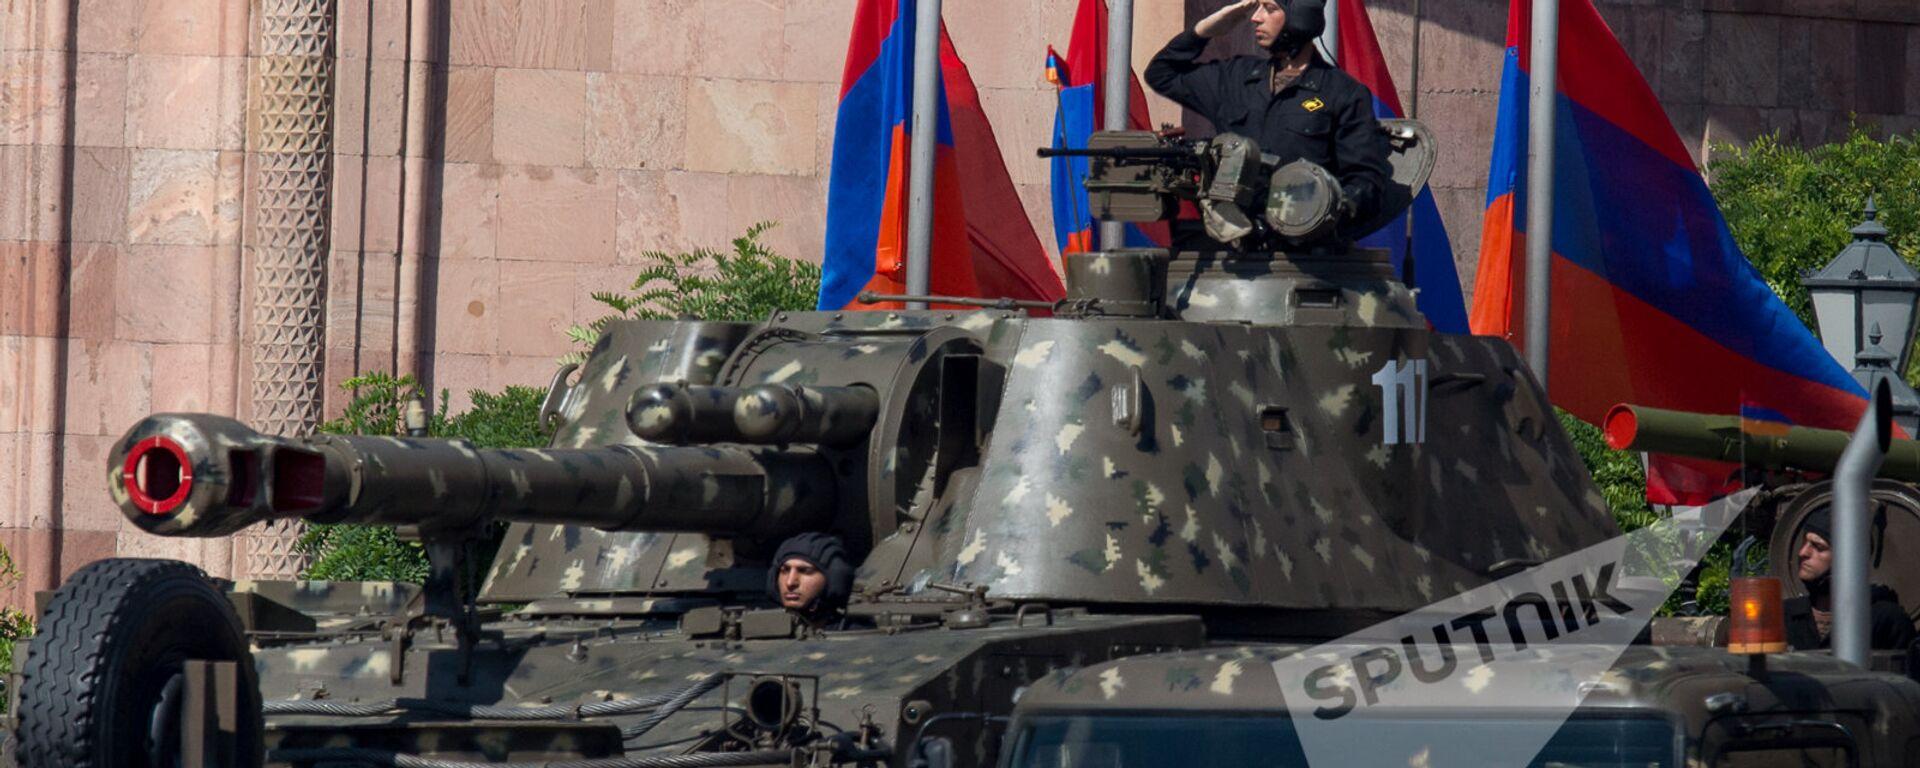 Торжественный Парад в честь 25-летия Независимости Республики Армения - Sputnik Արմենիա, 1920, 13.08.2021